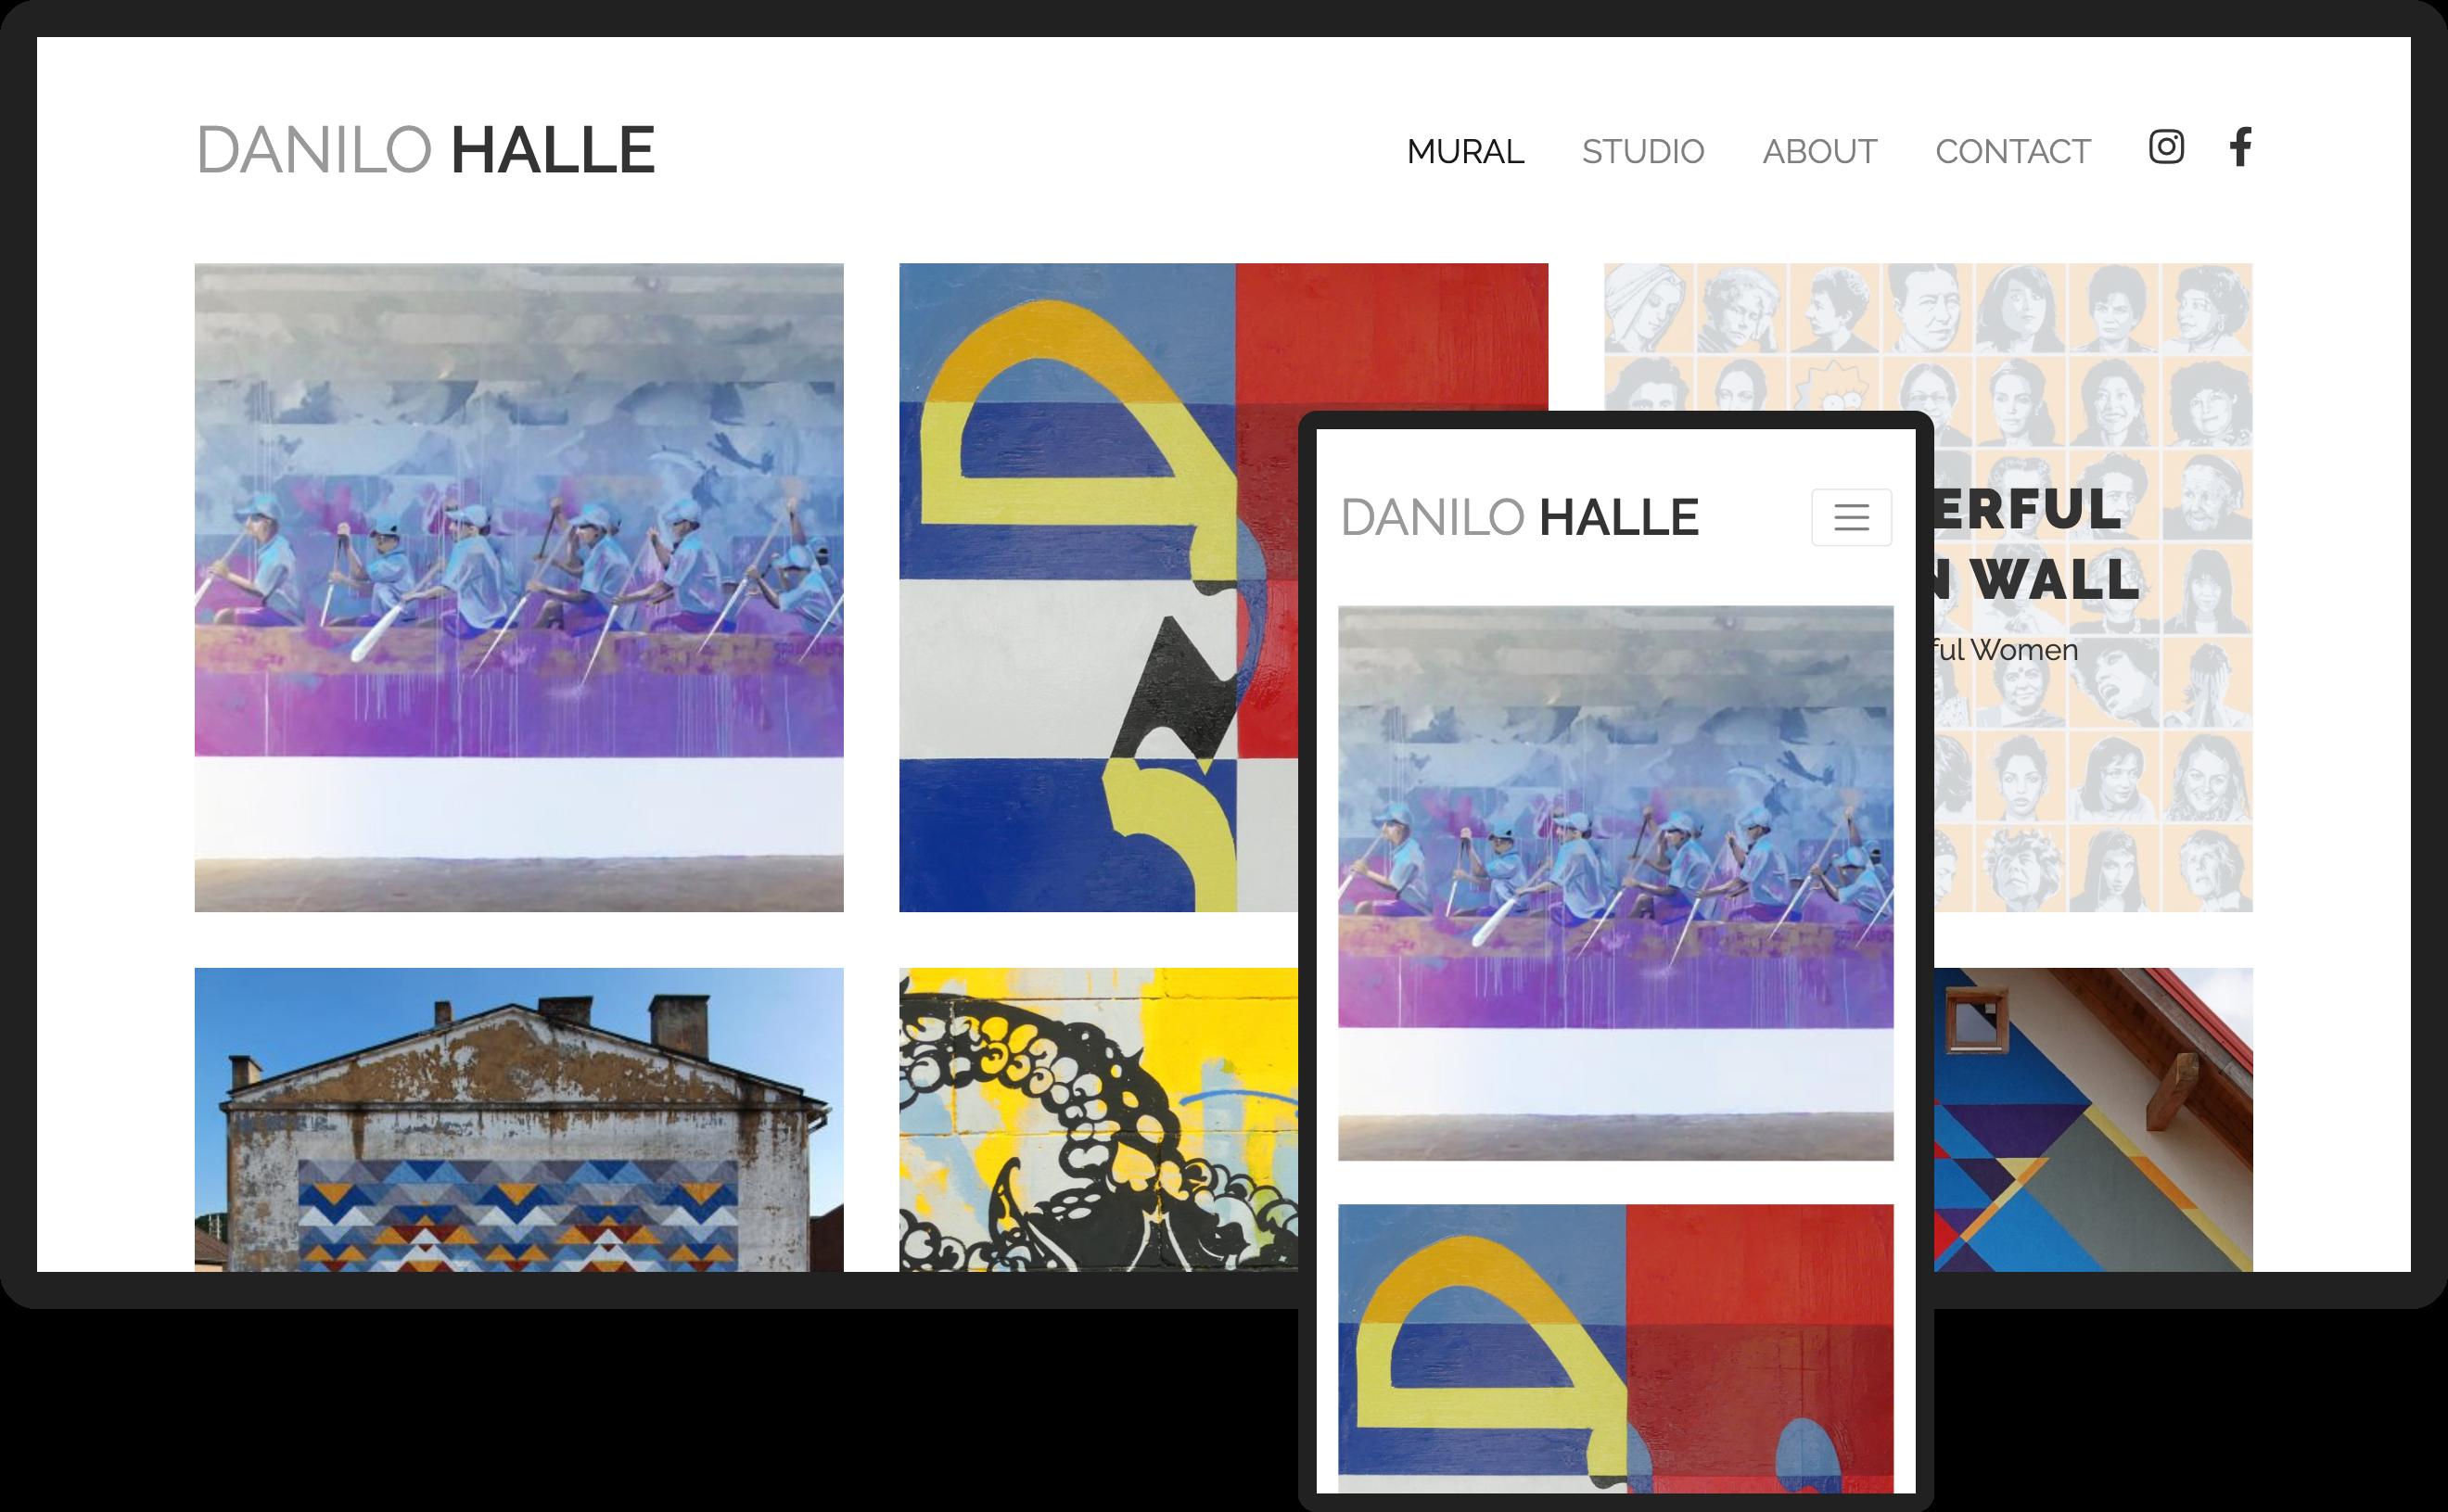 Danilo Halle